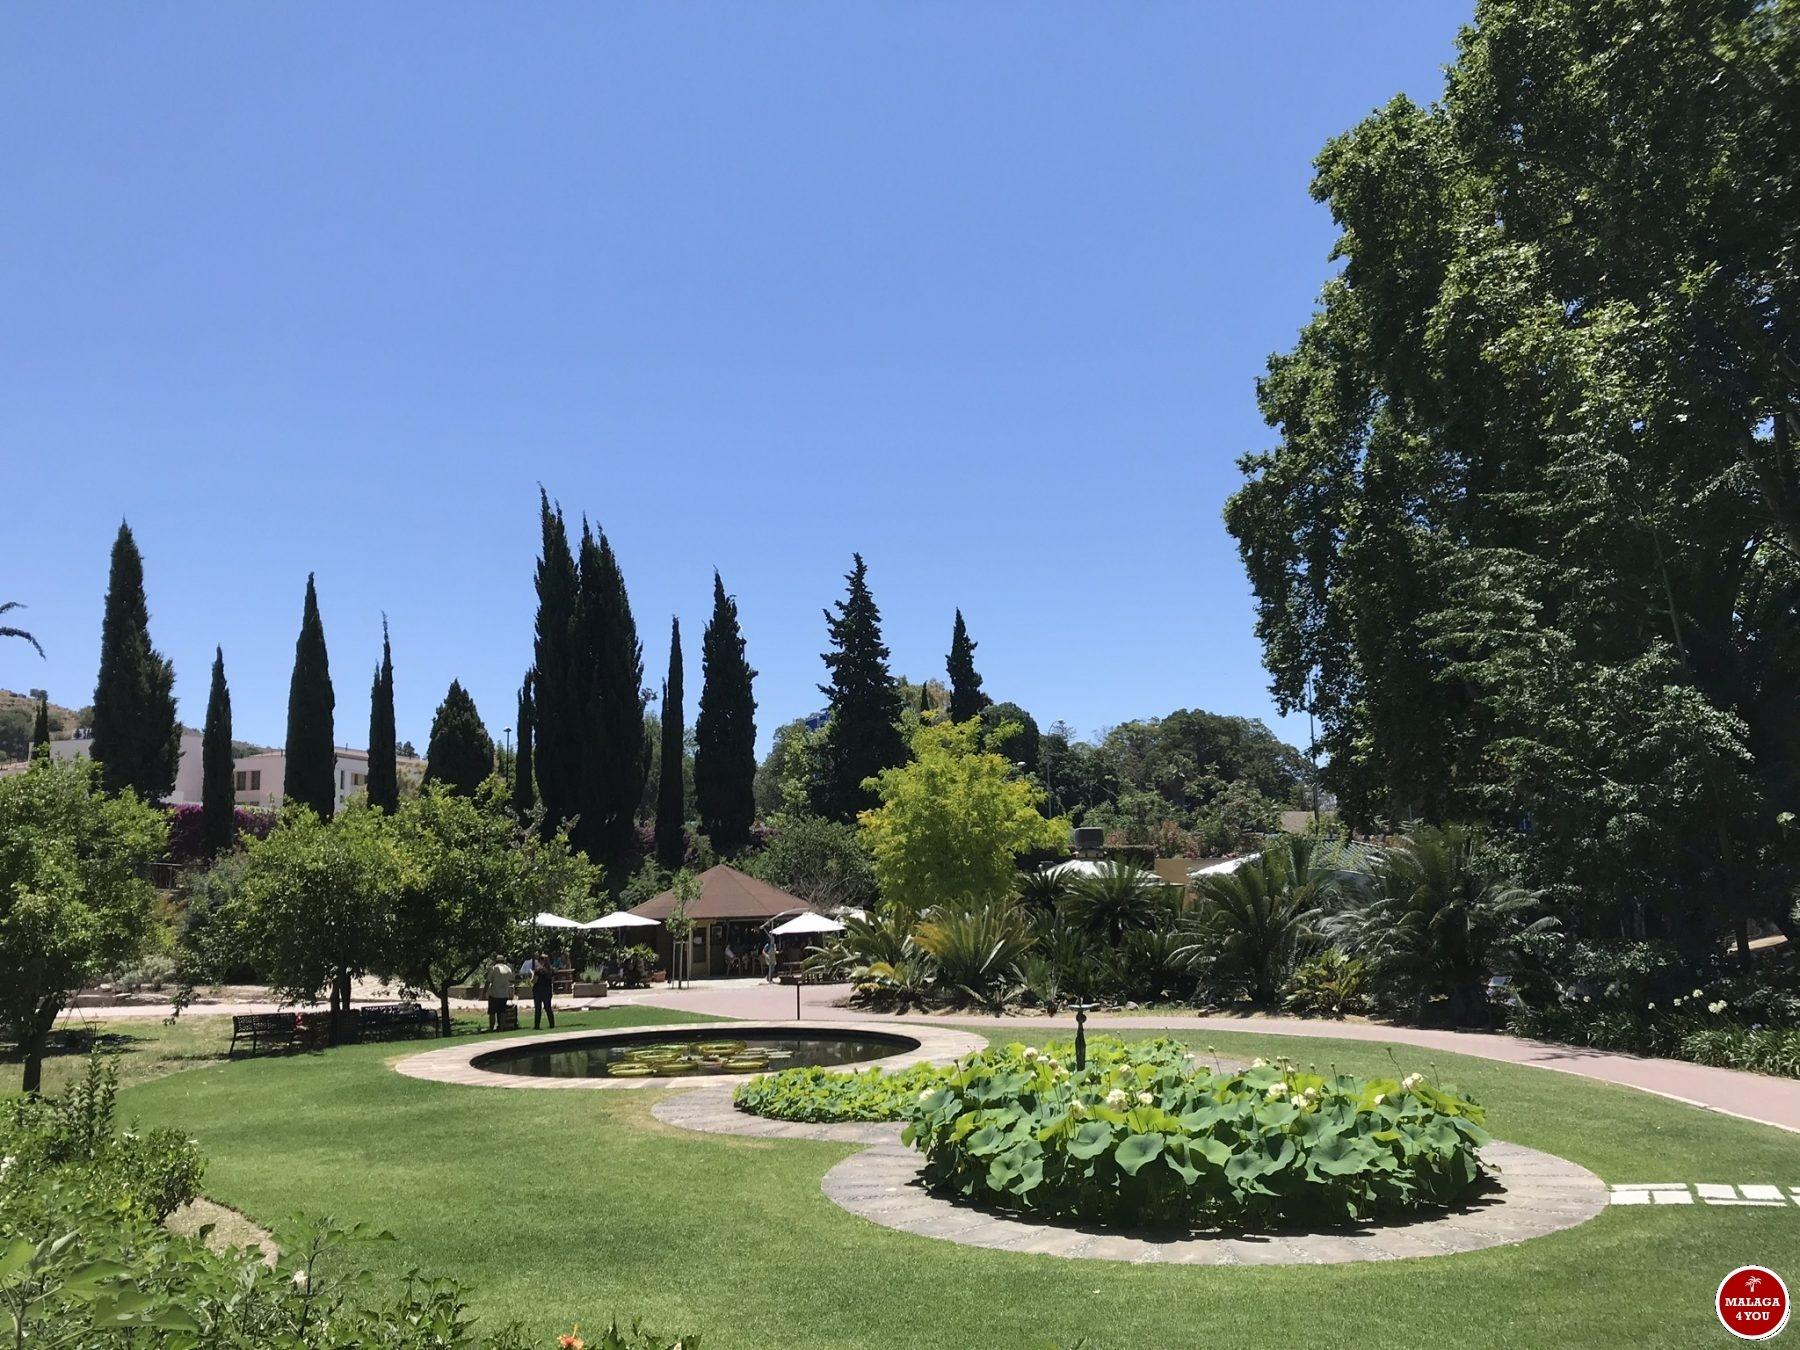 Jardin Botanico Historico La Concepcion Malaga4you